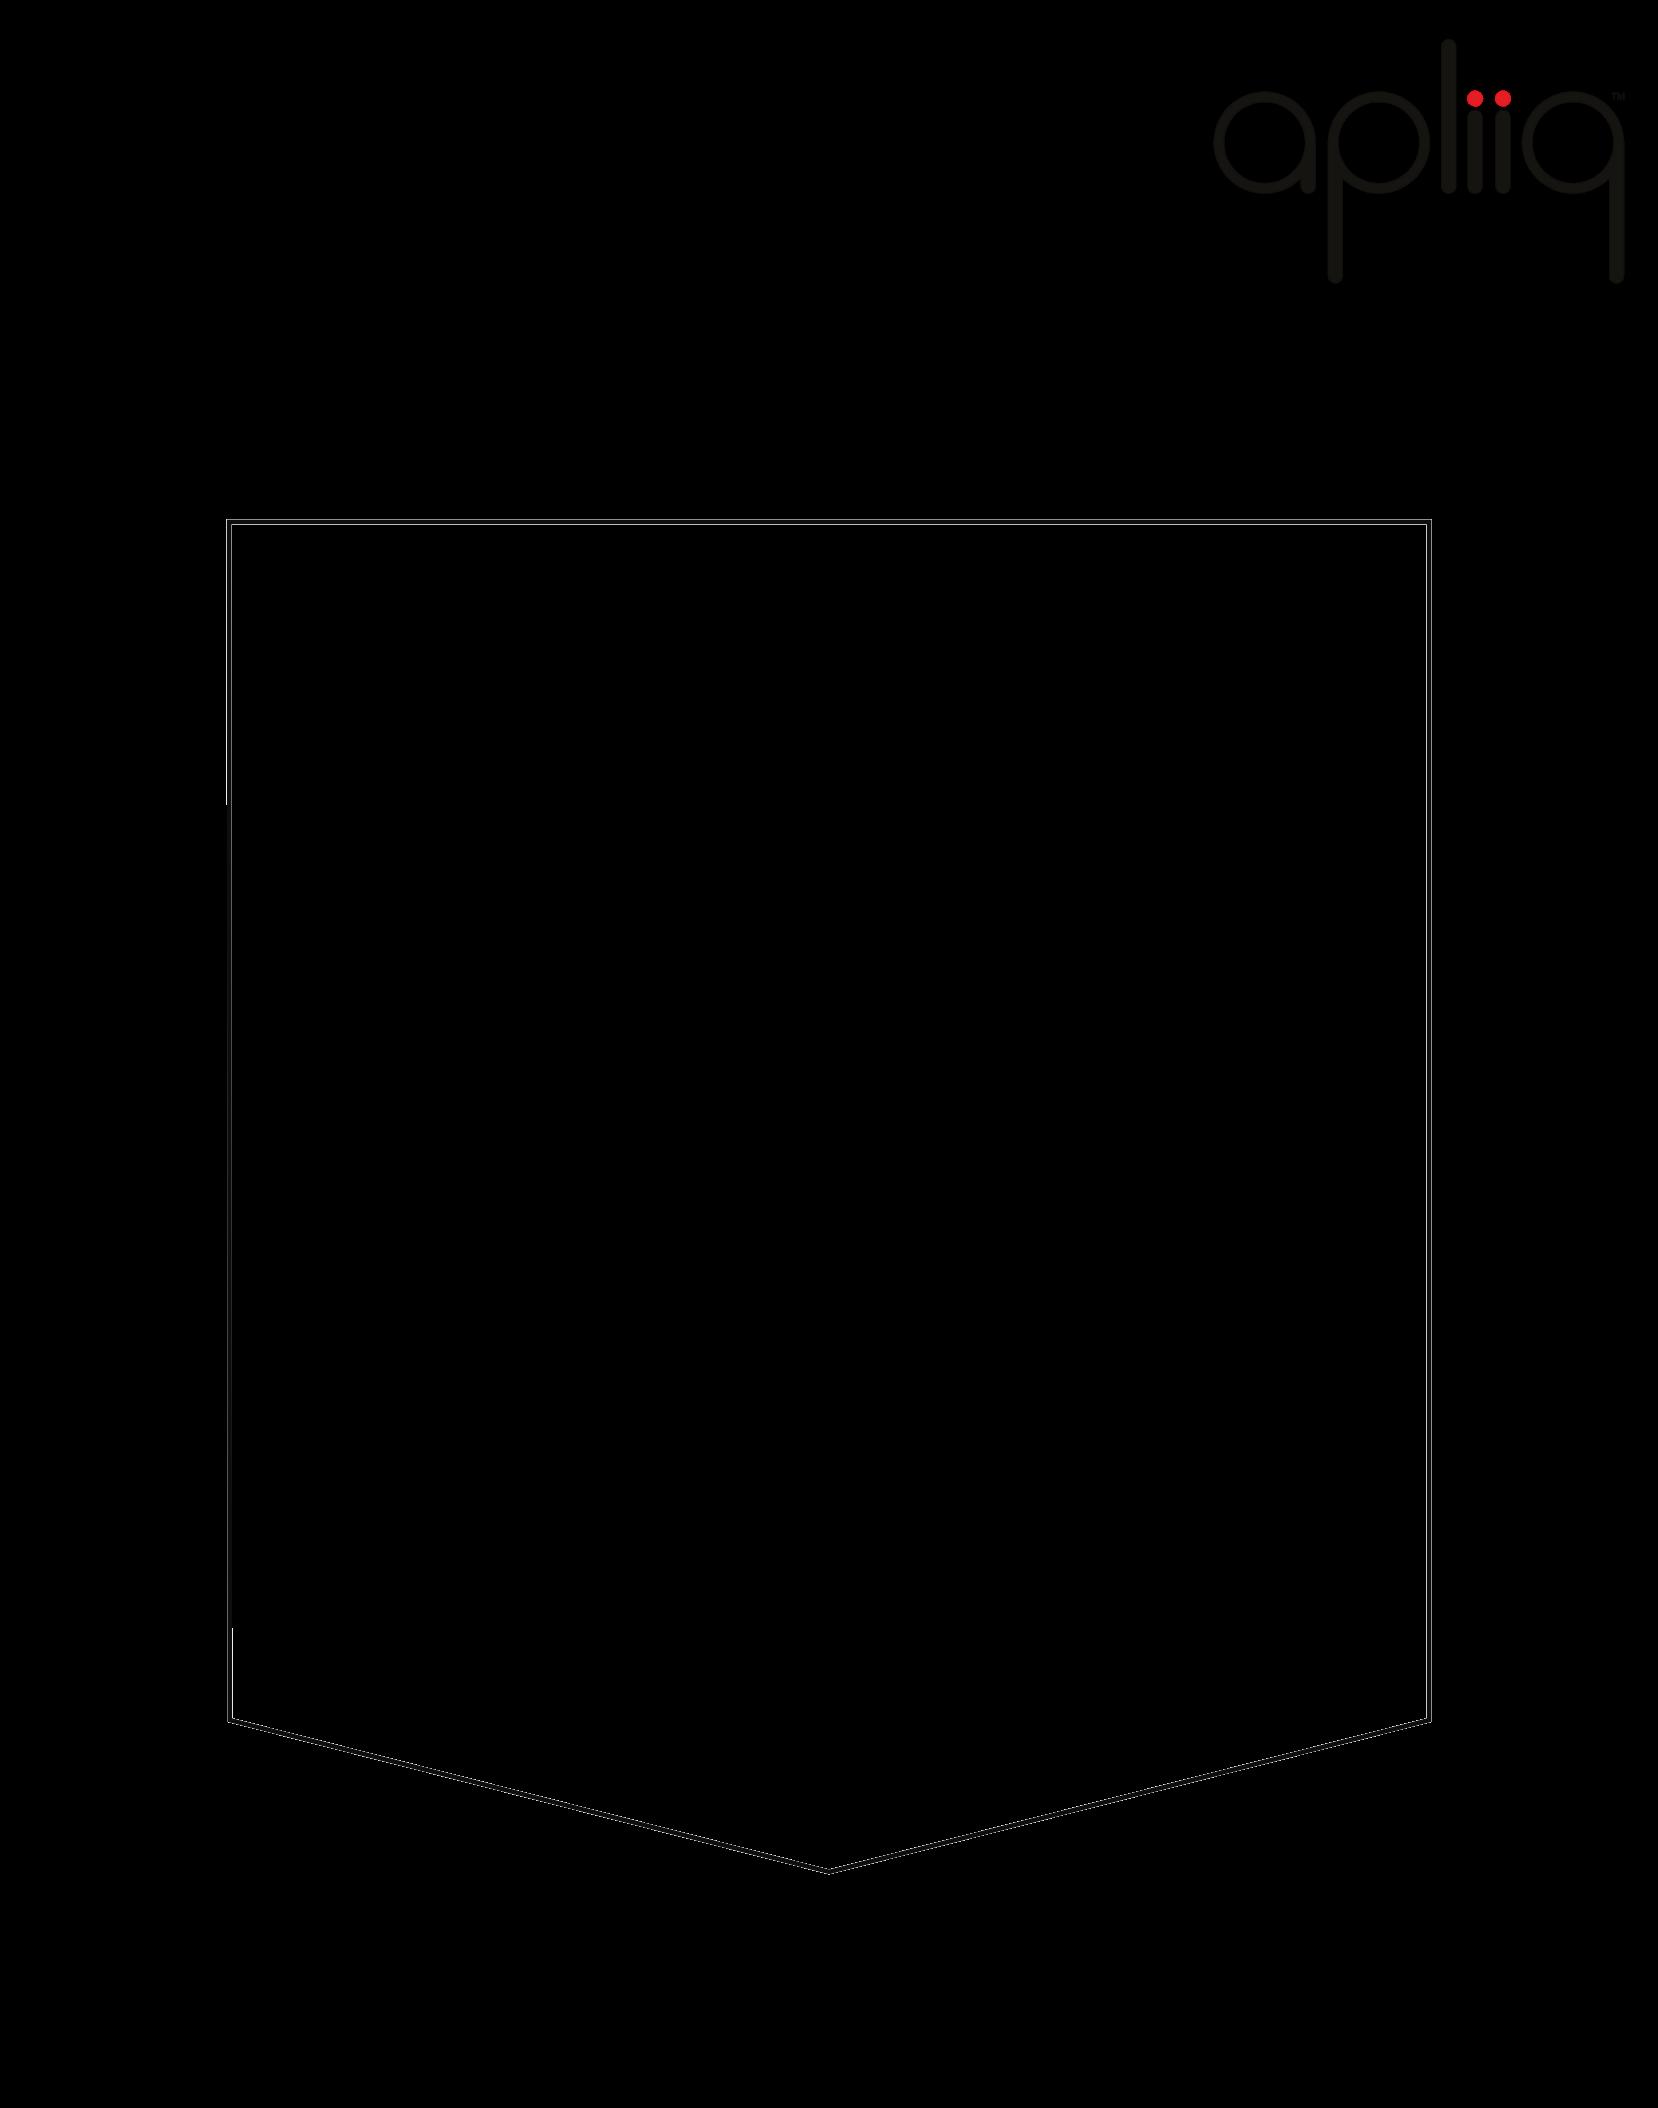 Folder clipart vinyl pocket. Template romeo landinez co